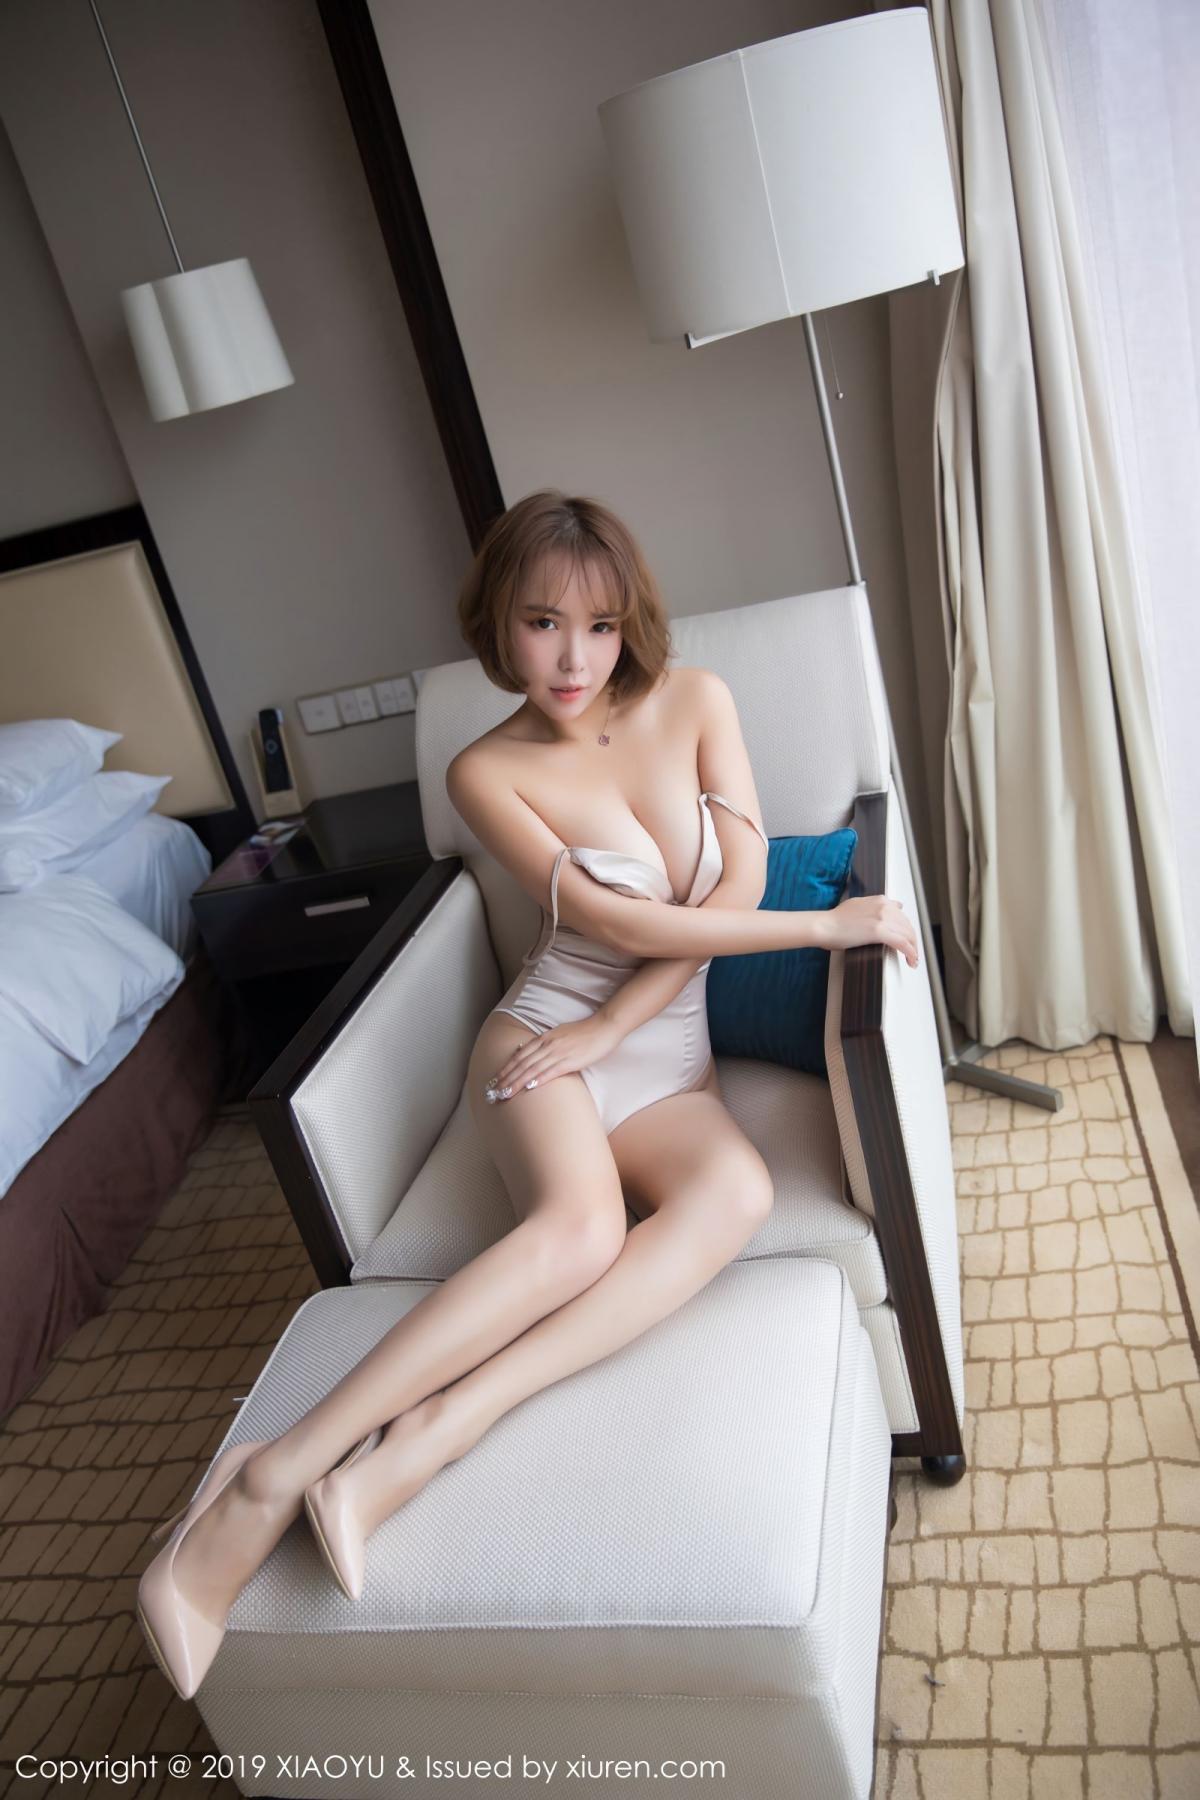 [XiaoYu] Vol.015 Chen Ya Wen 8P, Chen Ya Wen, Sexy, XiaoYu